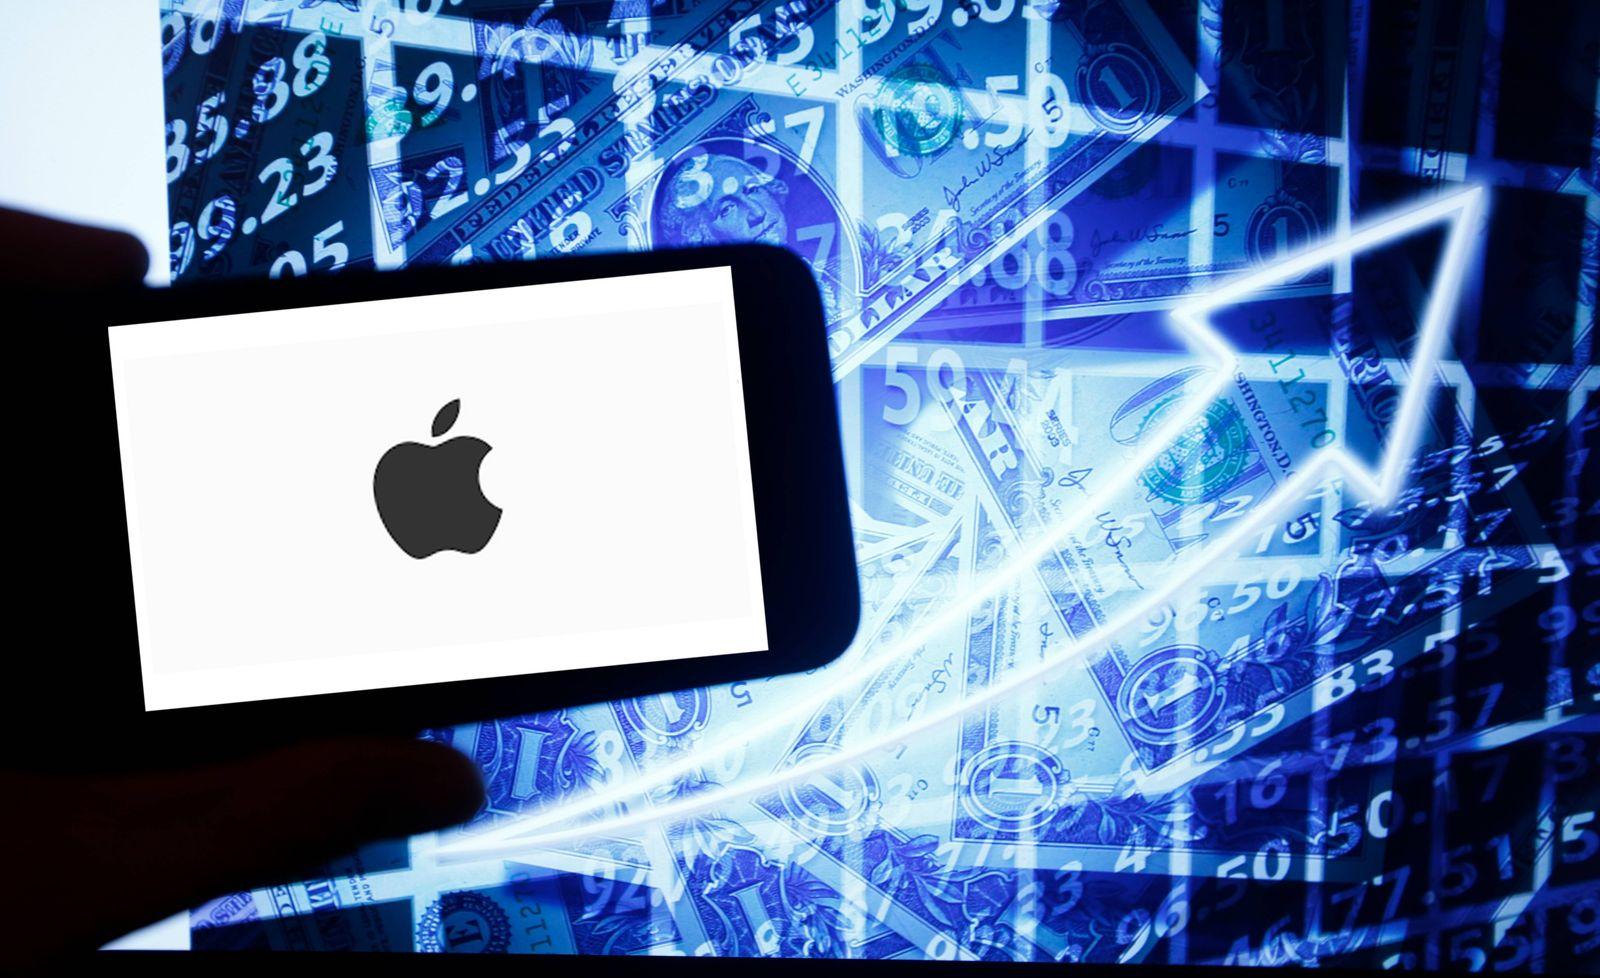 Dow Jones Kurse, Das Logo des amerikanischen Technologiekonzerns Apple. ist auf einem Smartphone zu sehen. Dahinter ist